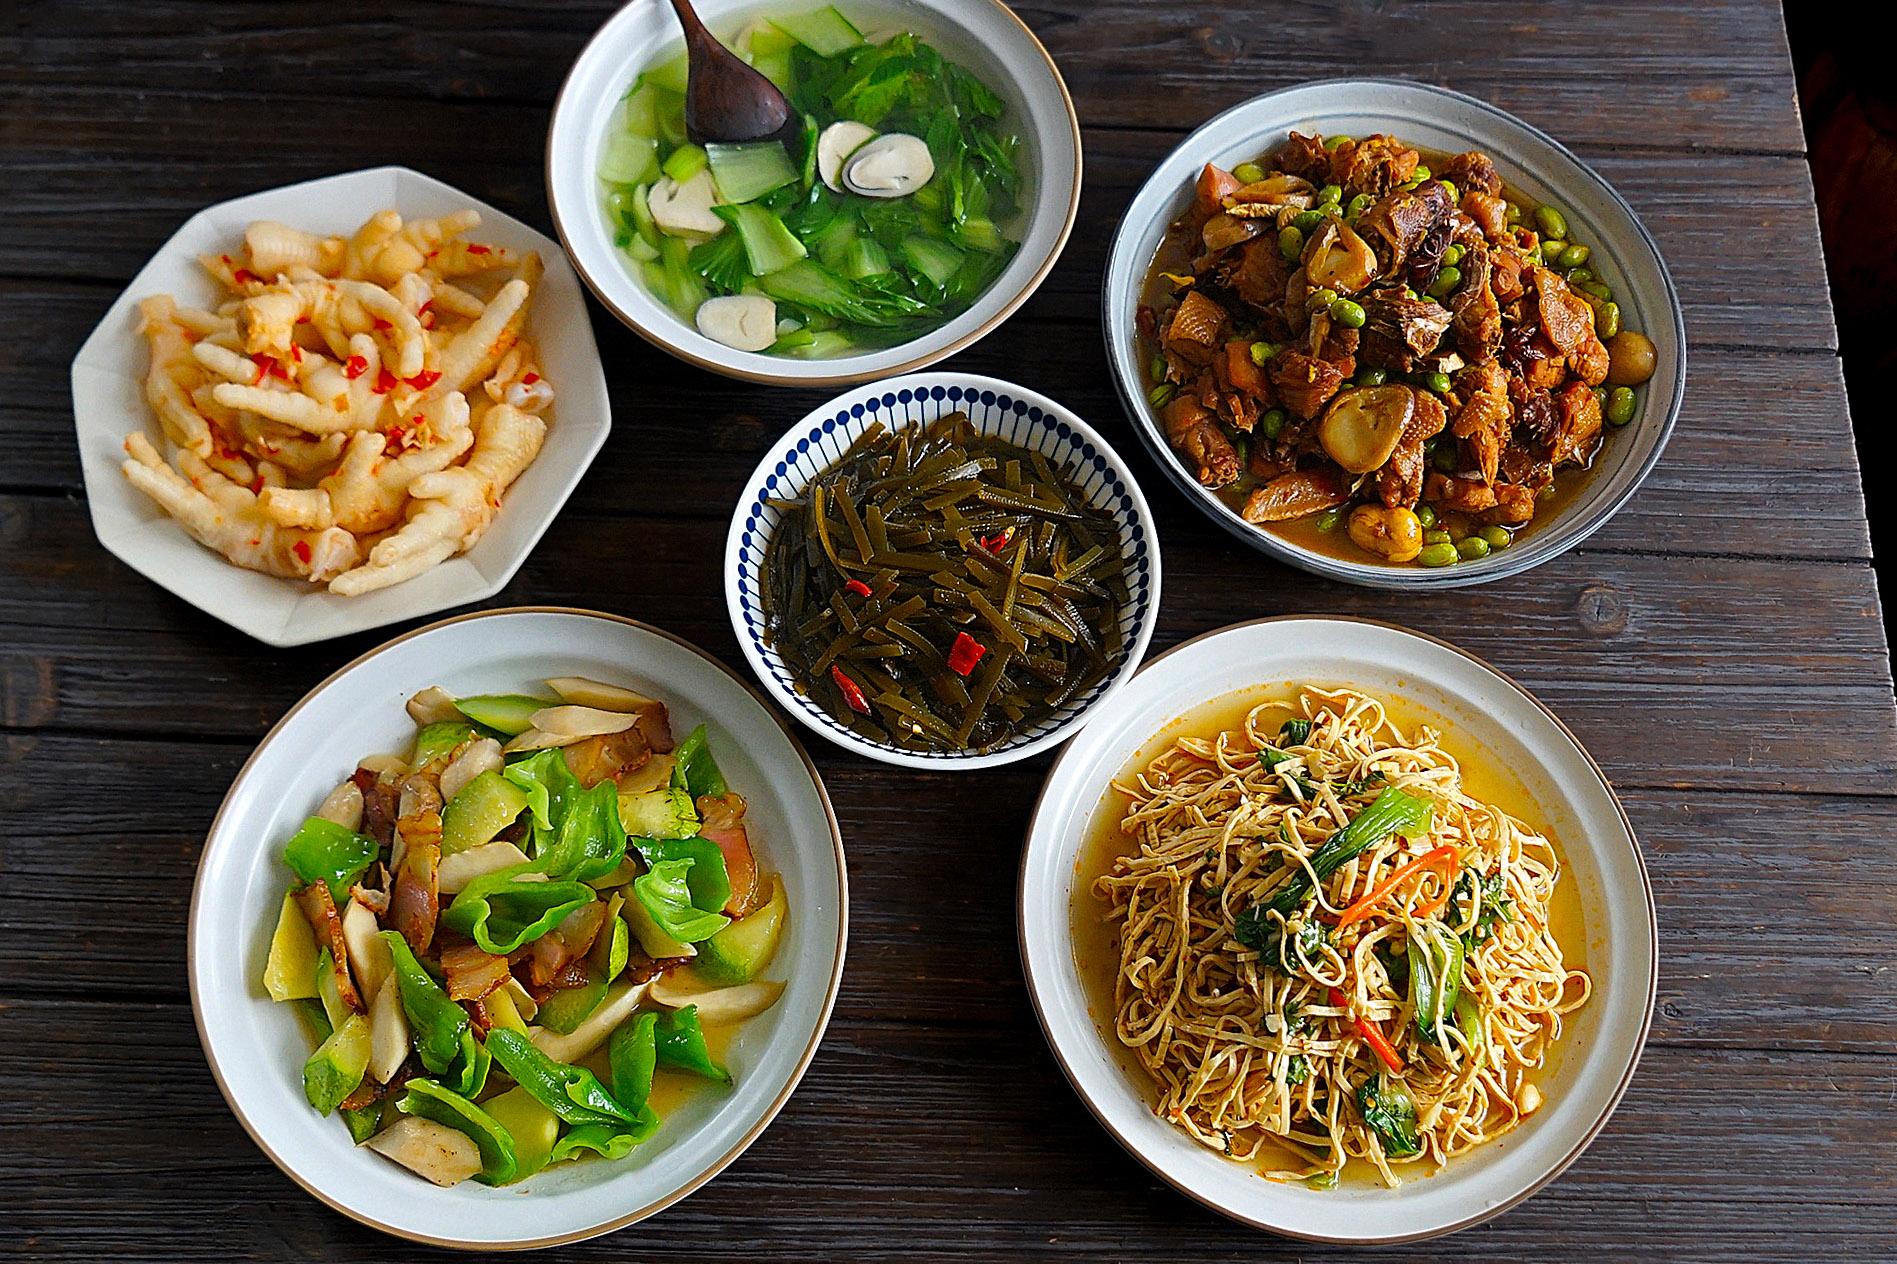 五一,弟媳妇下厨做了5菜1汤,精致又美味,网友被馋到流口水 美食做法 第1张